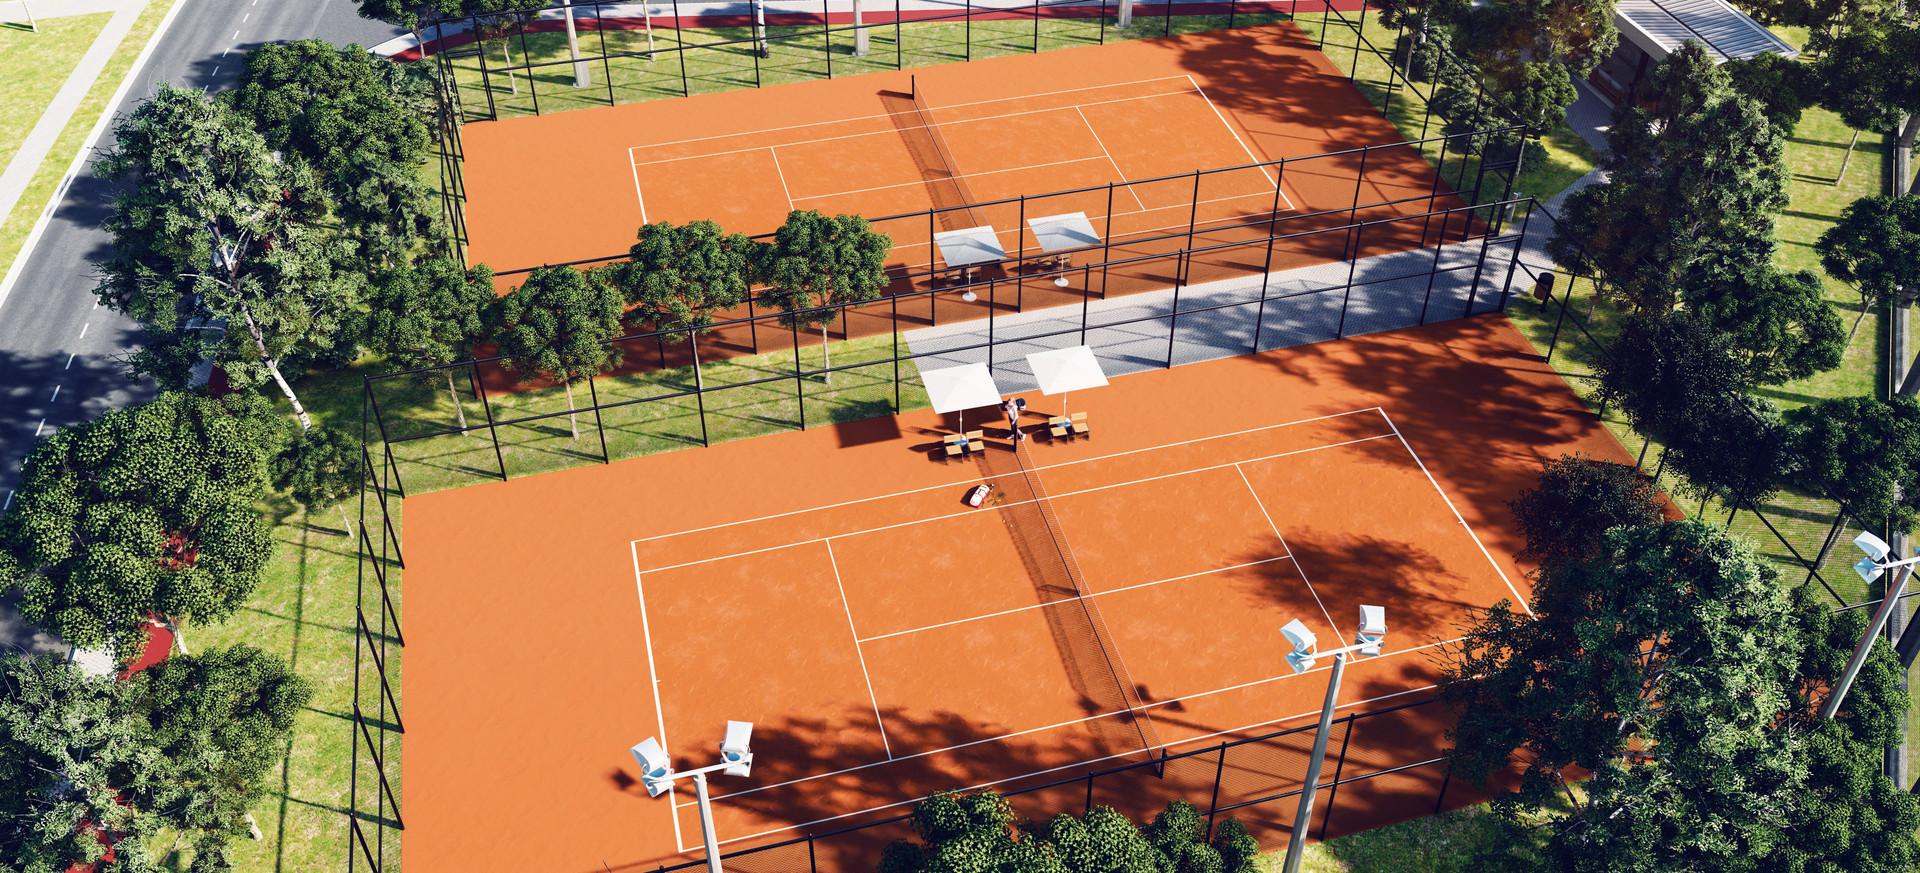 2 Quadras de tênis